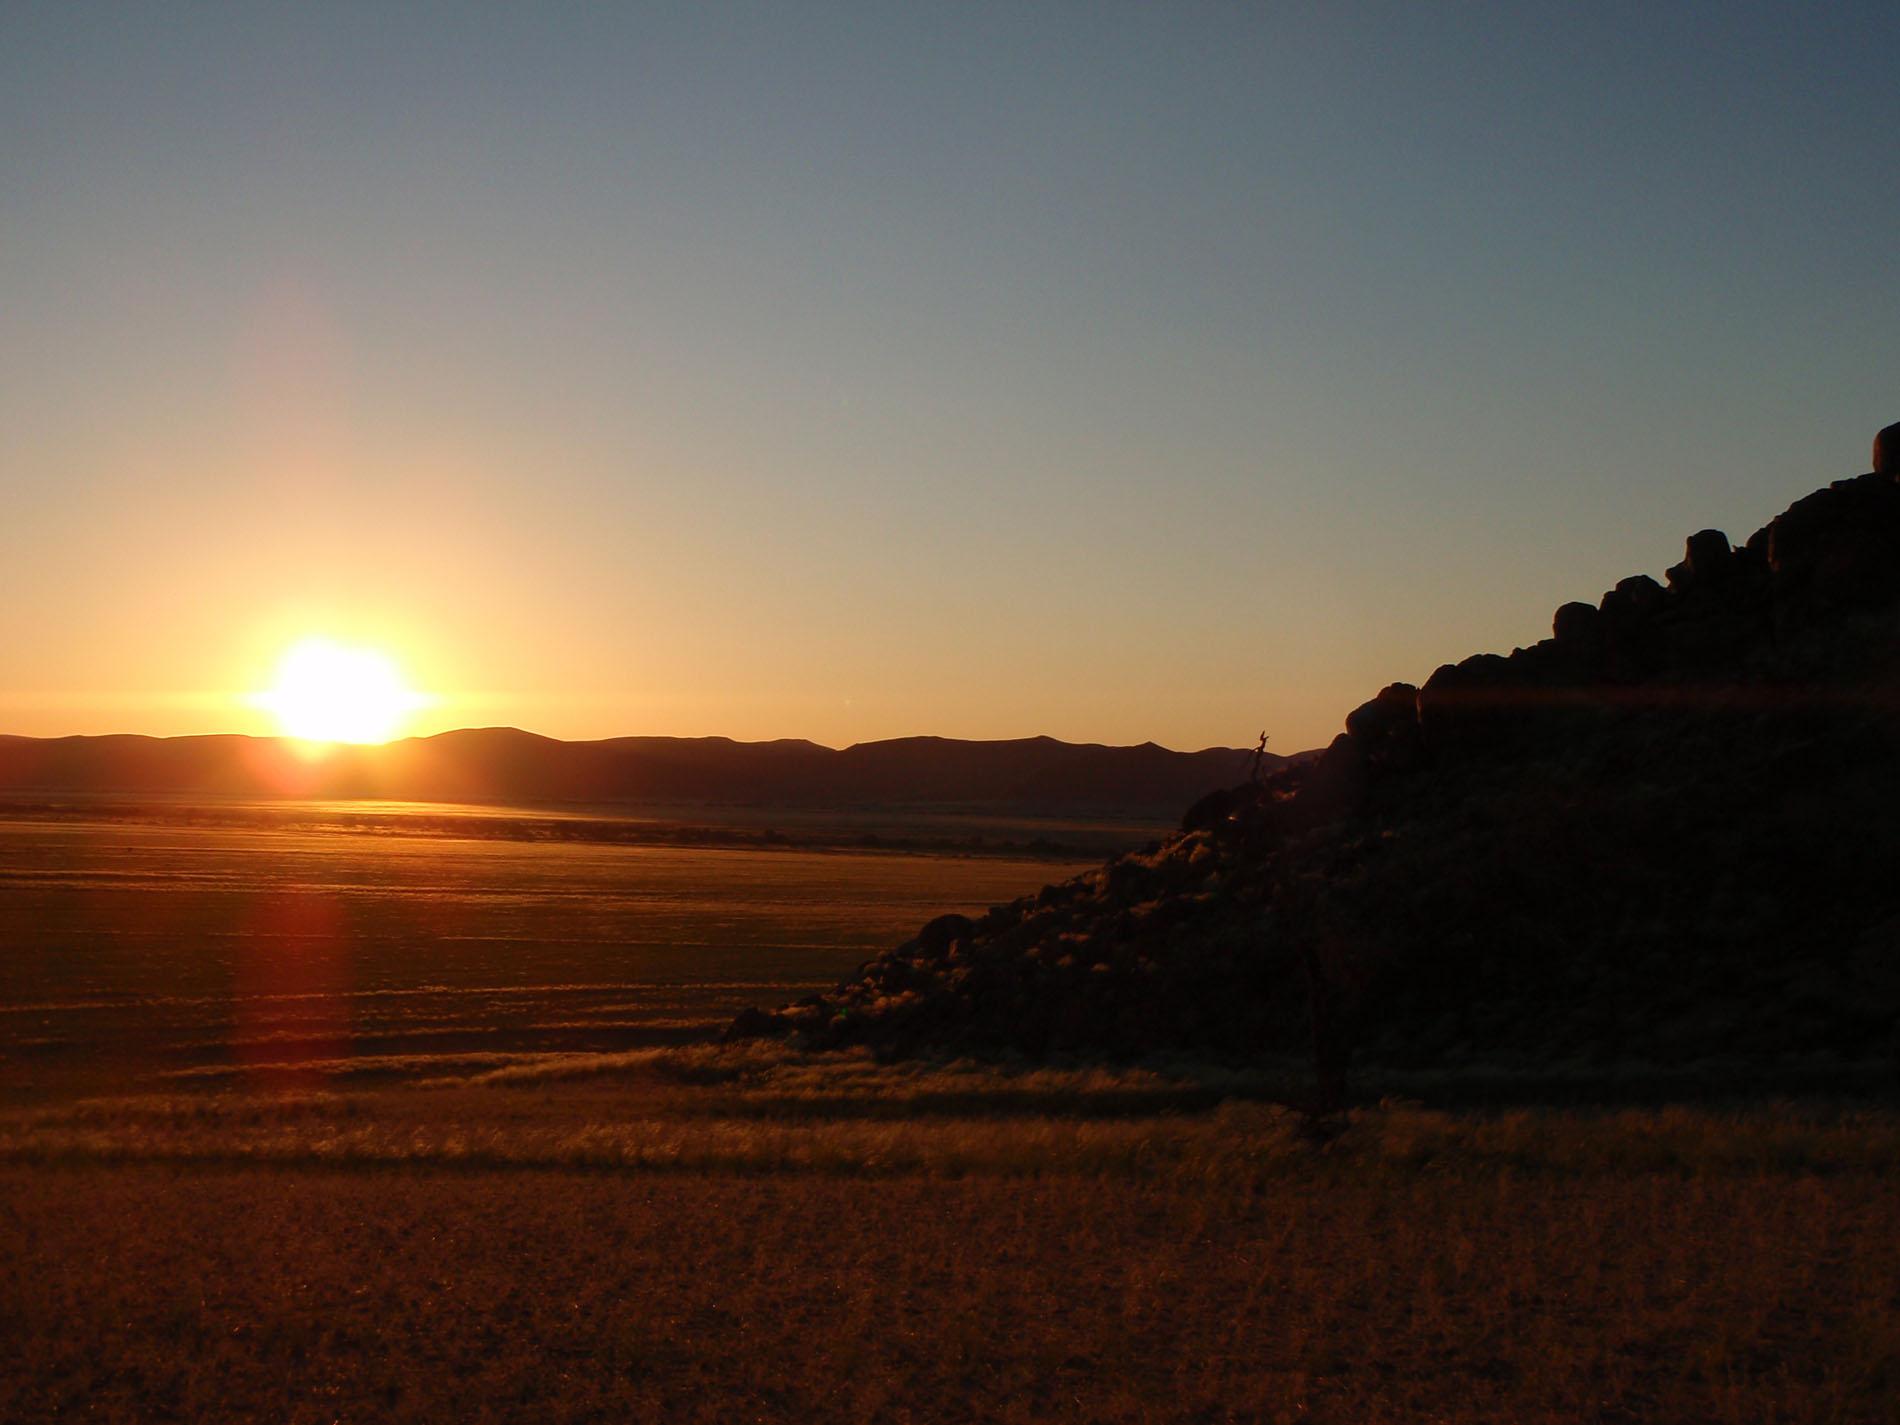 Abend in der Namibwüste